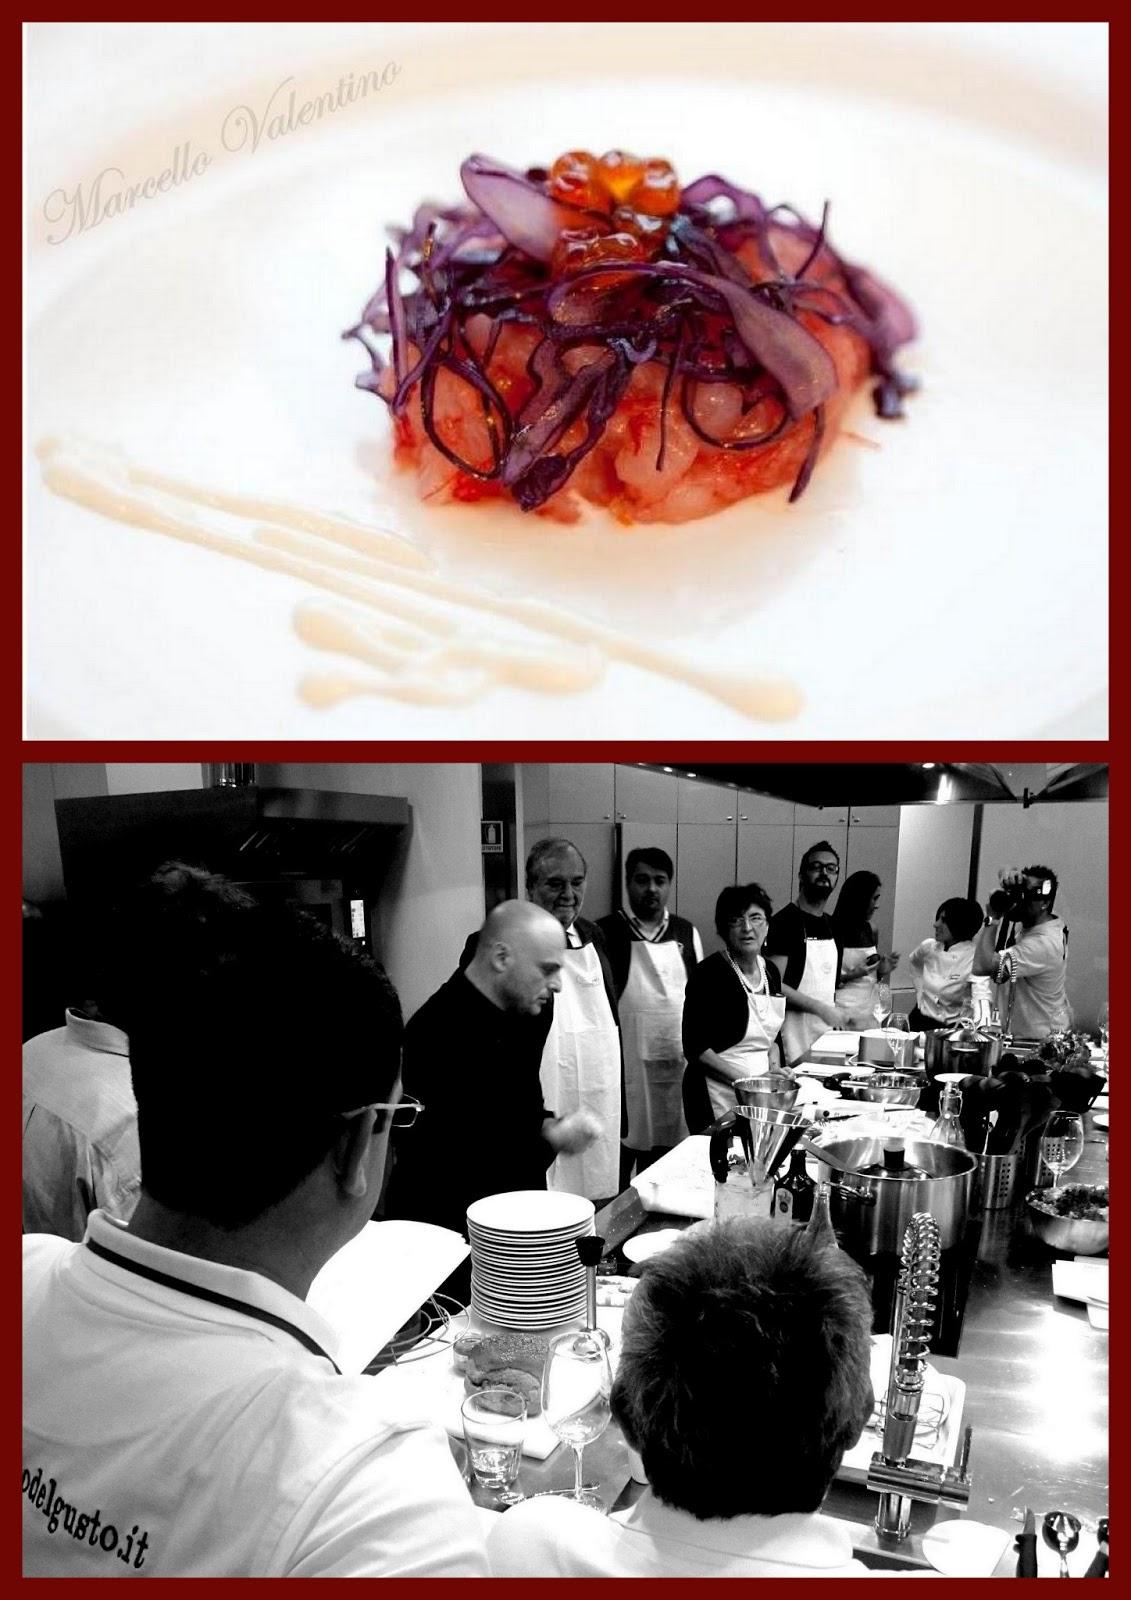 mediterraneo in cucina: corsi di cucina con lo chef marcello ... - Corso Di Cucina Bari